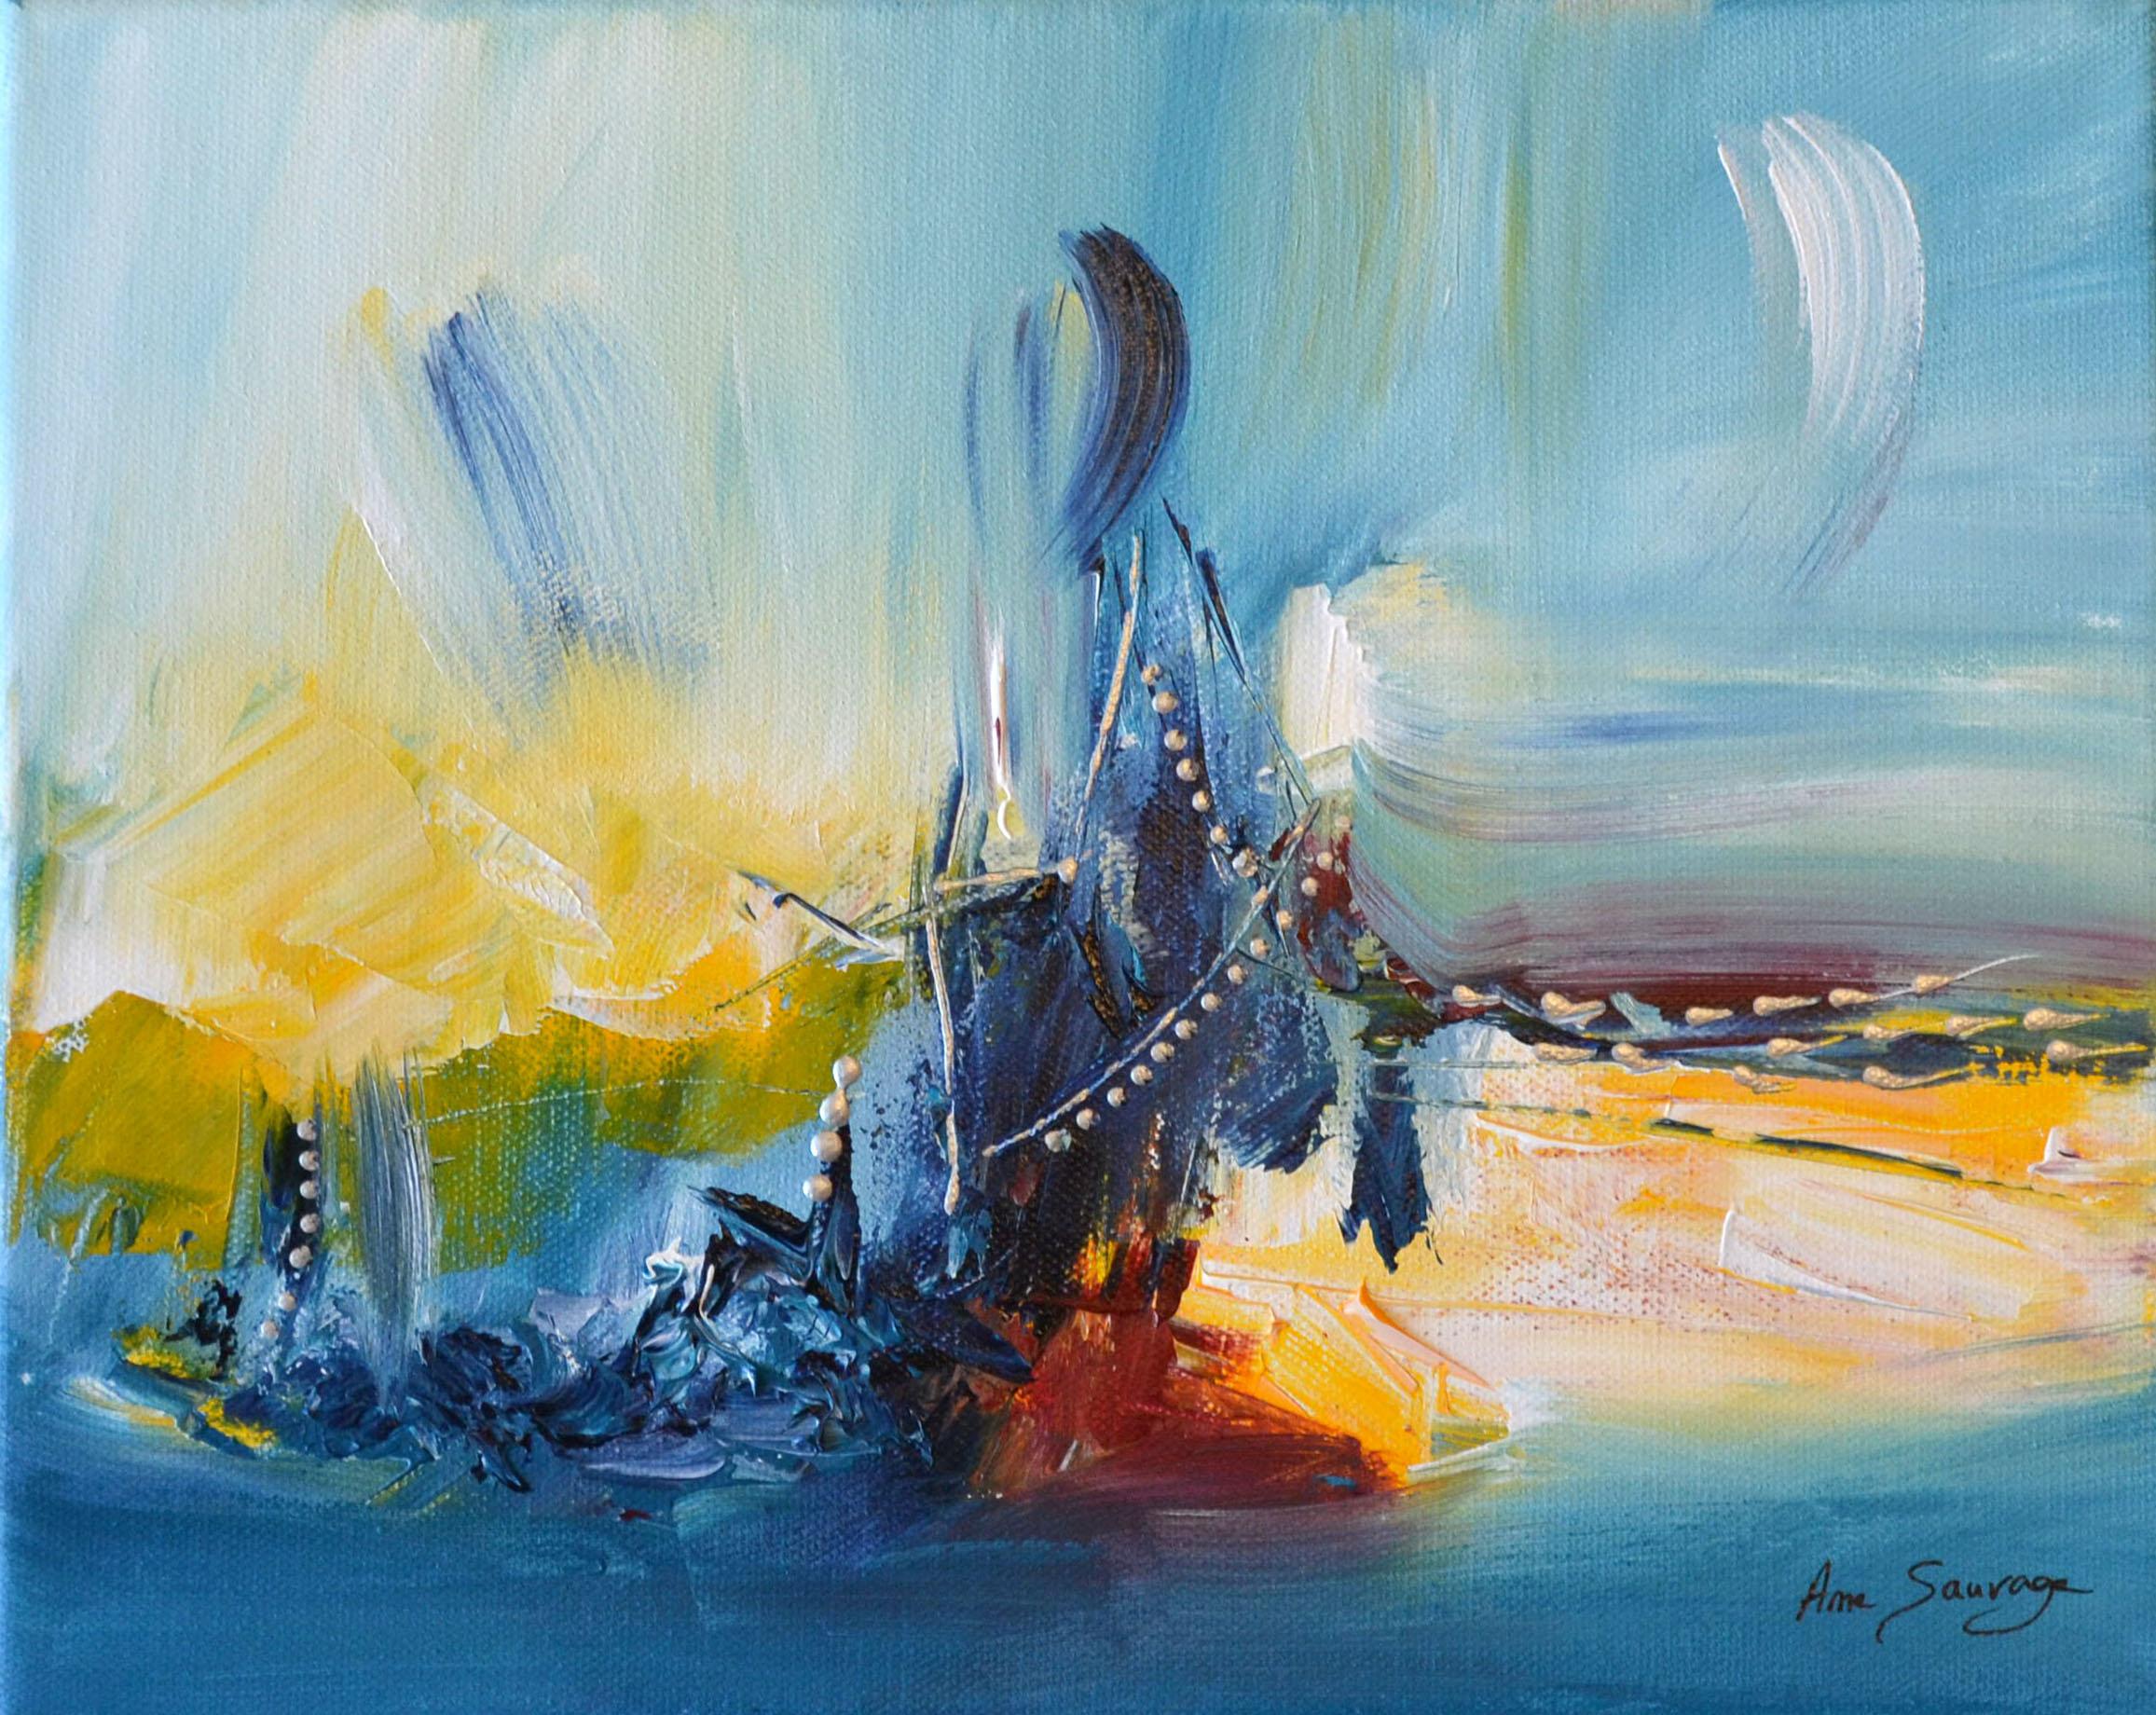 tableau abstrait bleu et jaune